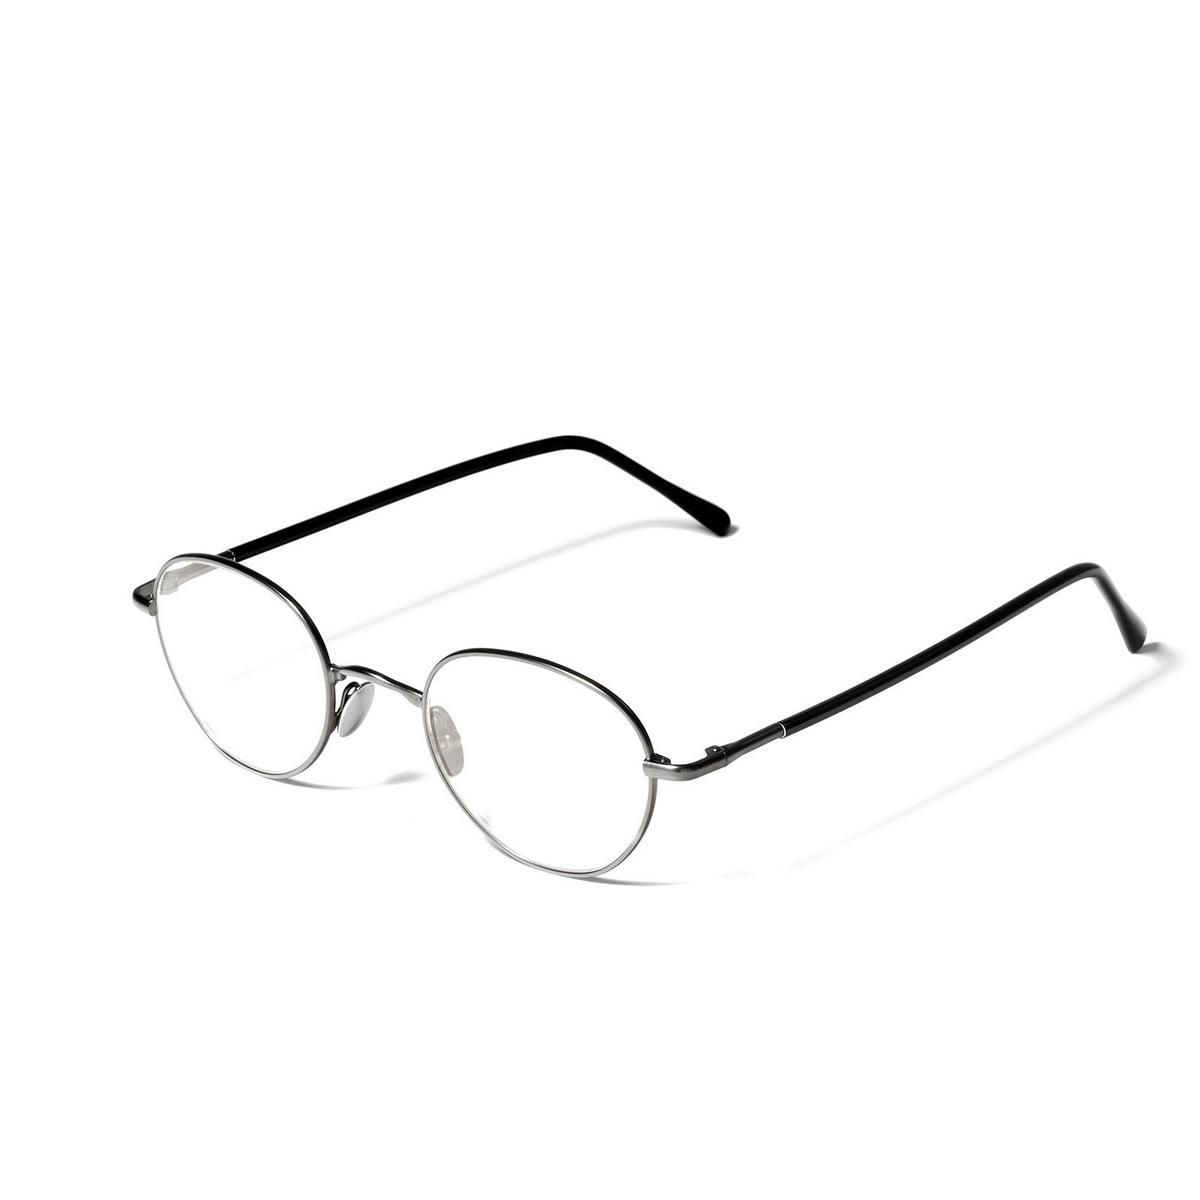 L.G.R® Oval Eyeglasses: Blixen color Grey Matt 04 - three-quarters view.